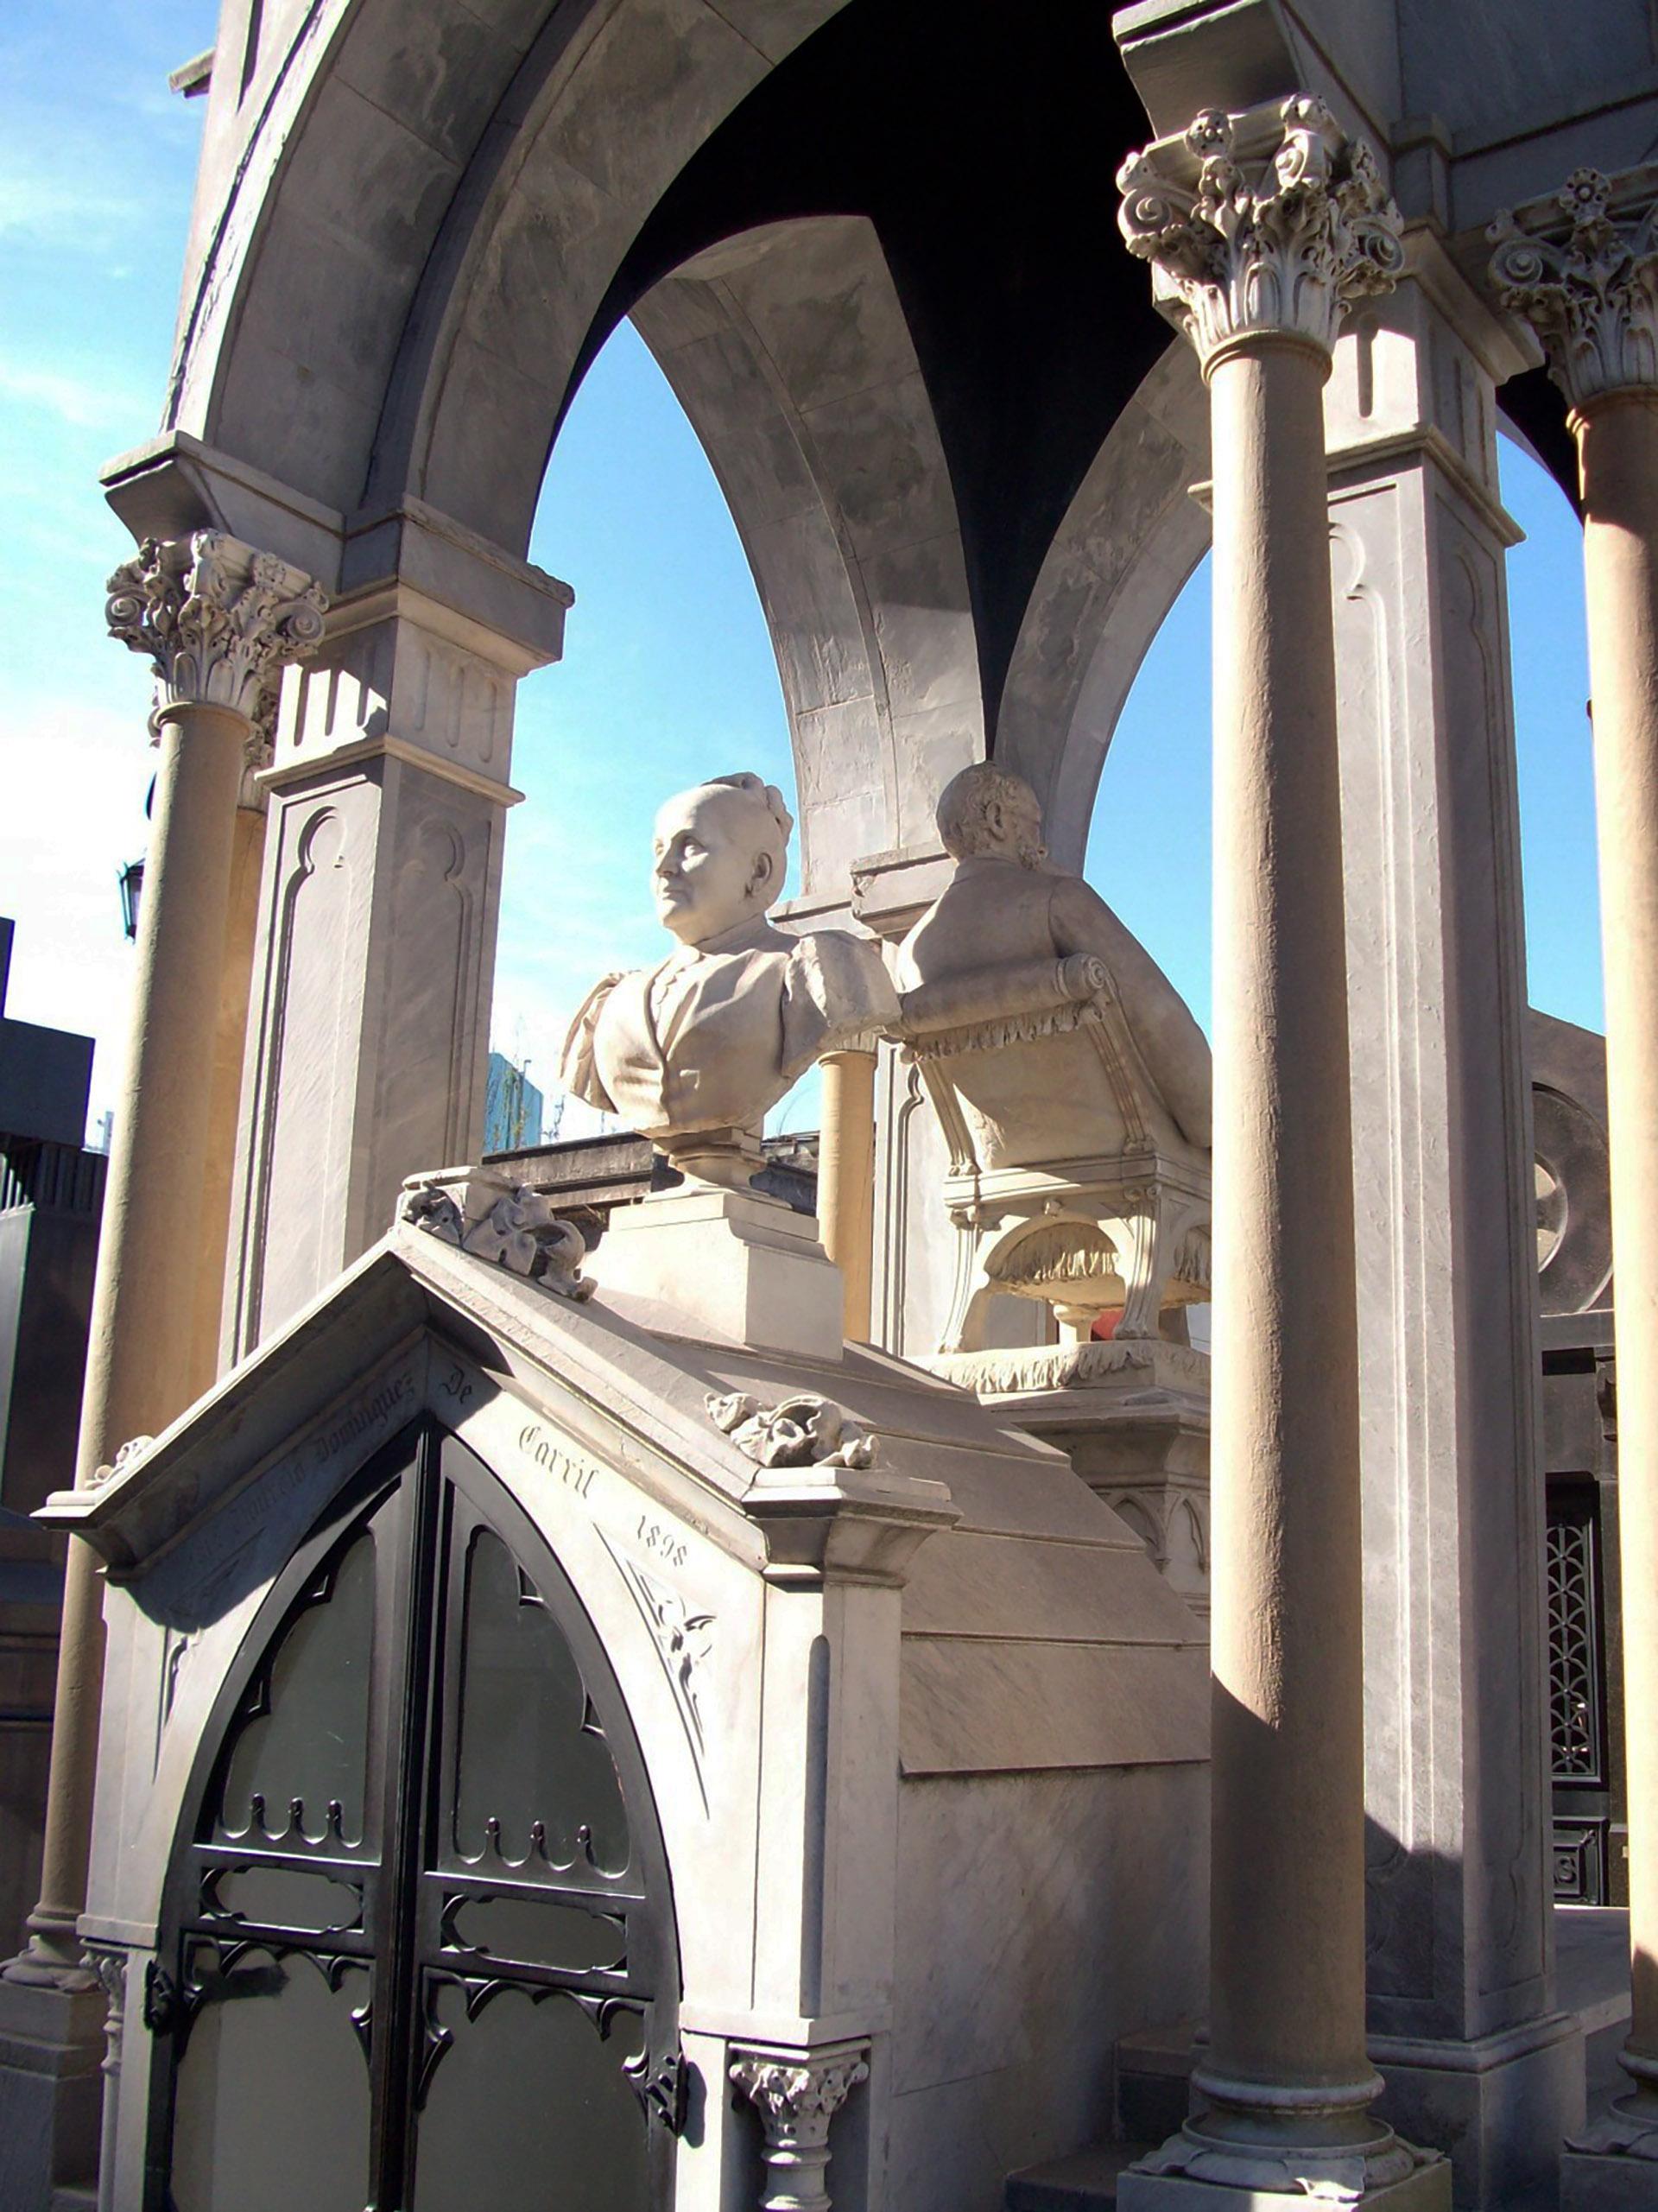 El mausoleo en el cementerio de la Recoleta con Del Carril y Tiburcia dándose la espalda por toda la eternidad